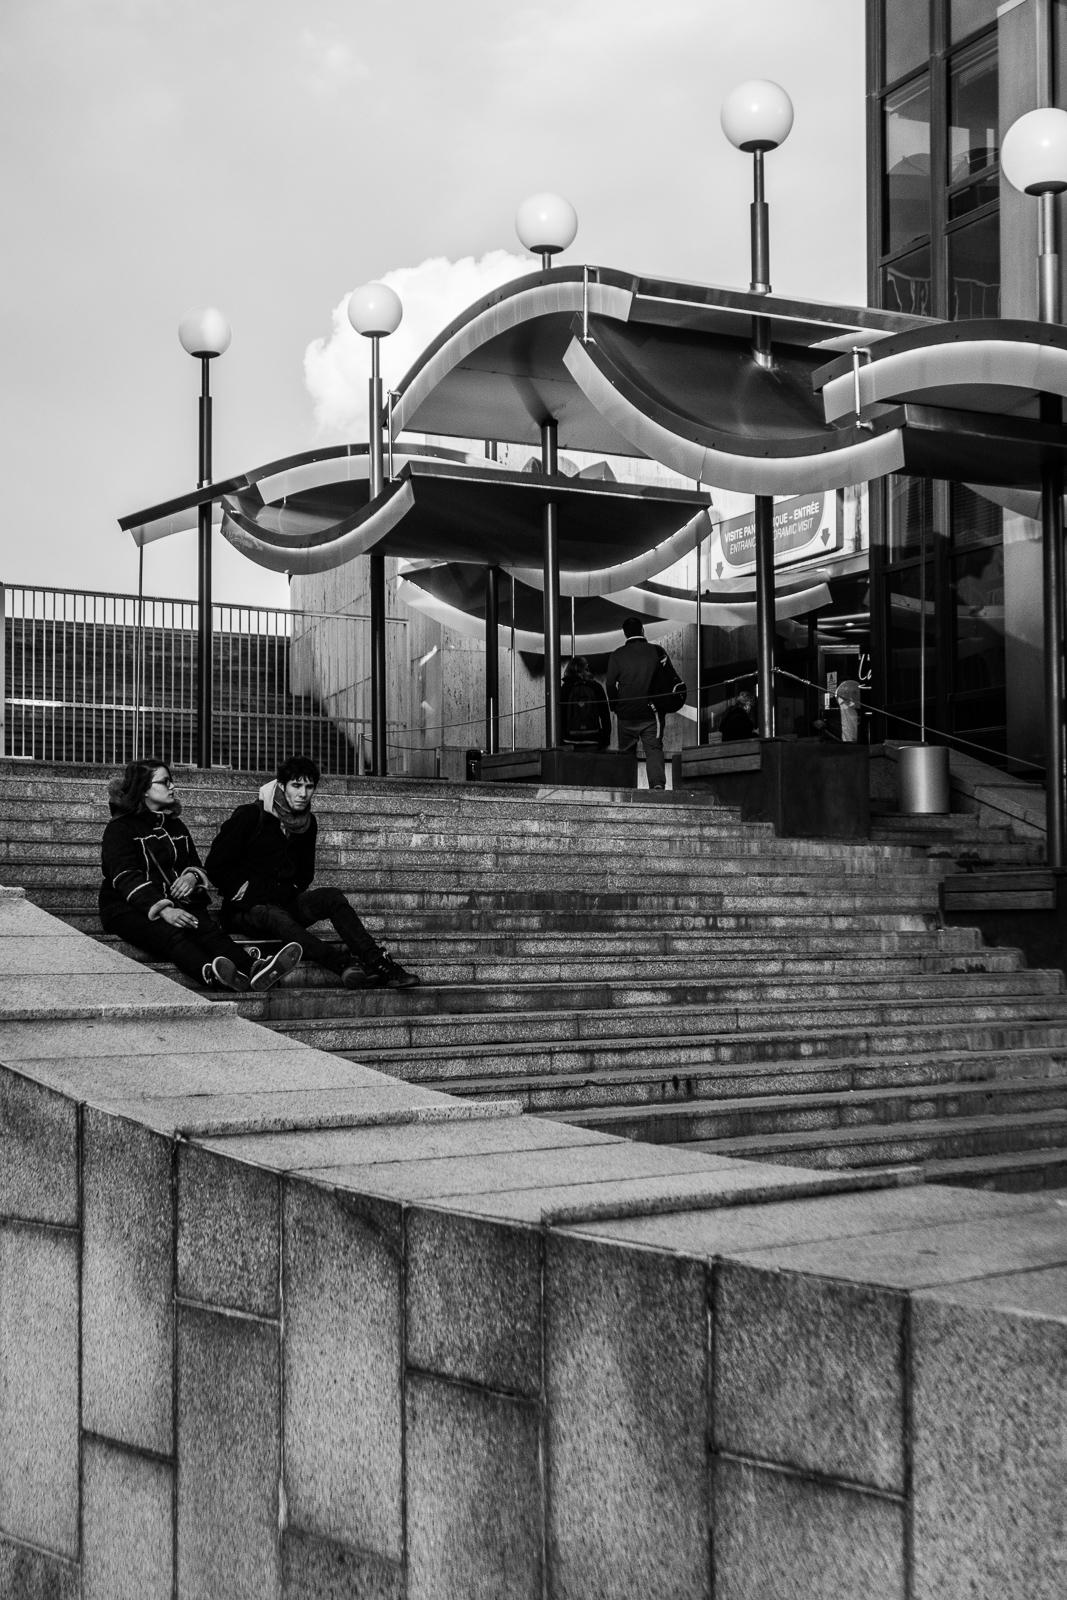 paris_street_2016-1343